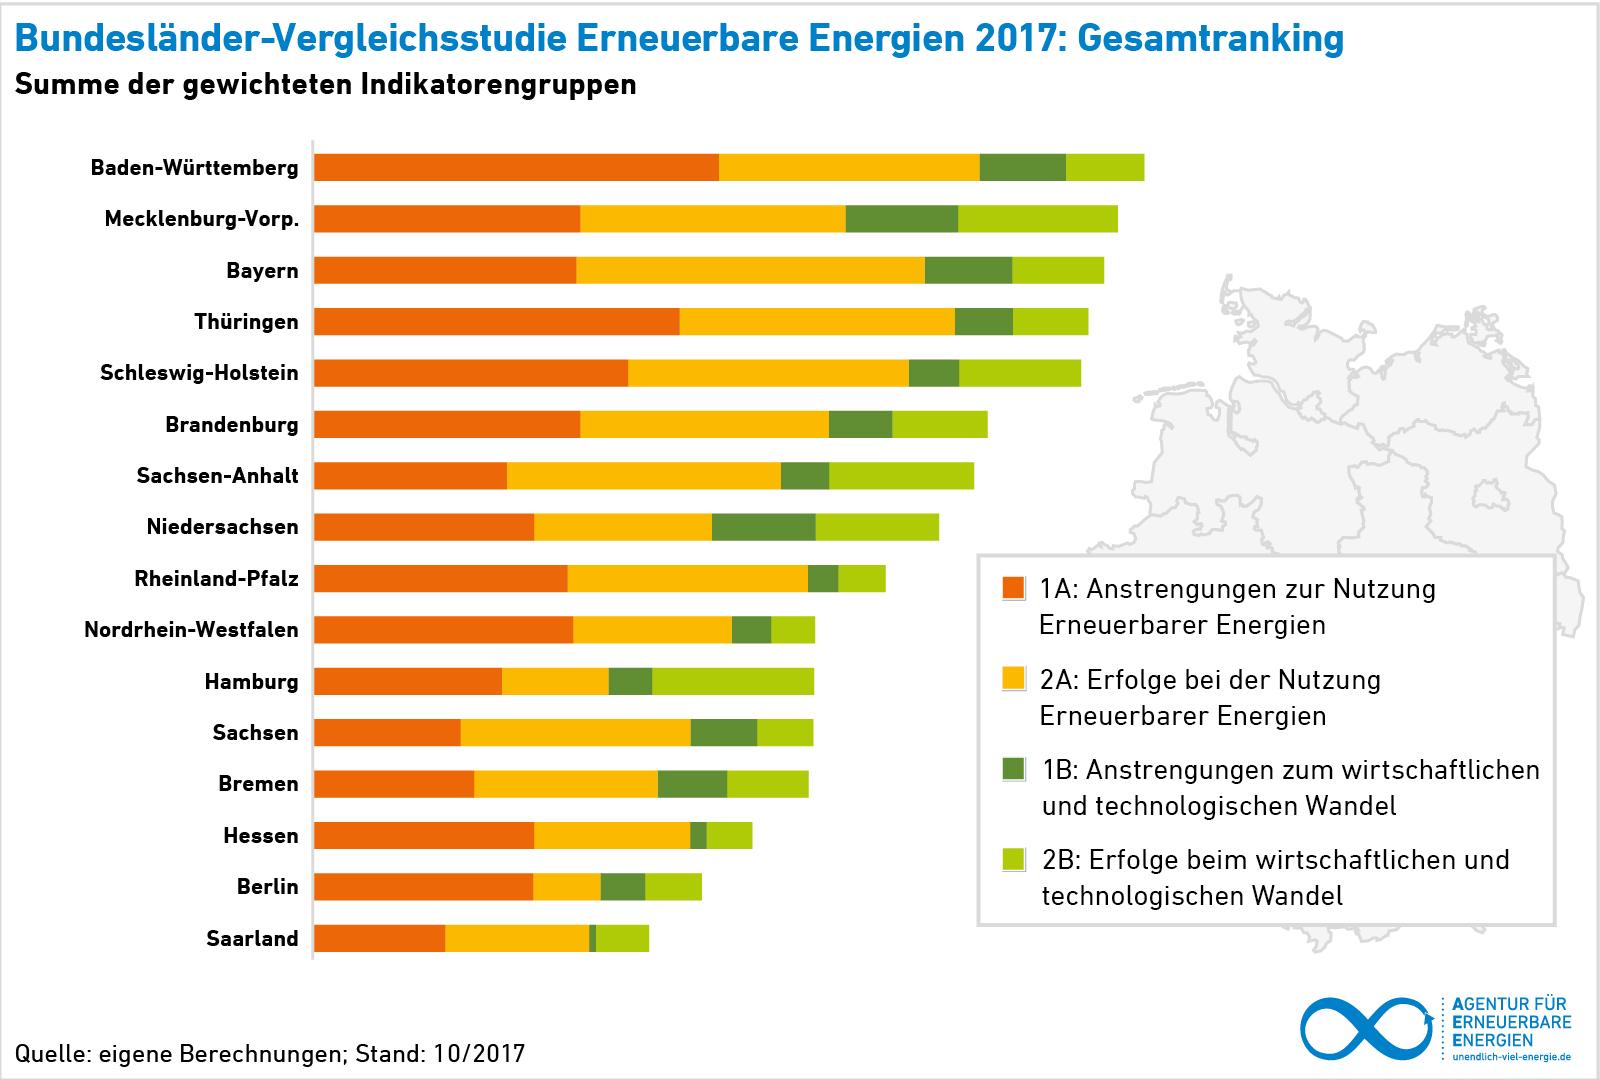 Bundesländervergleich Erneuerbare Energien 2017 Gesamtranking gestapelt nach Indikatoren